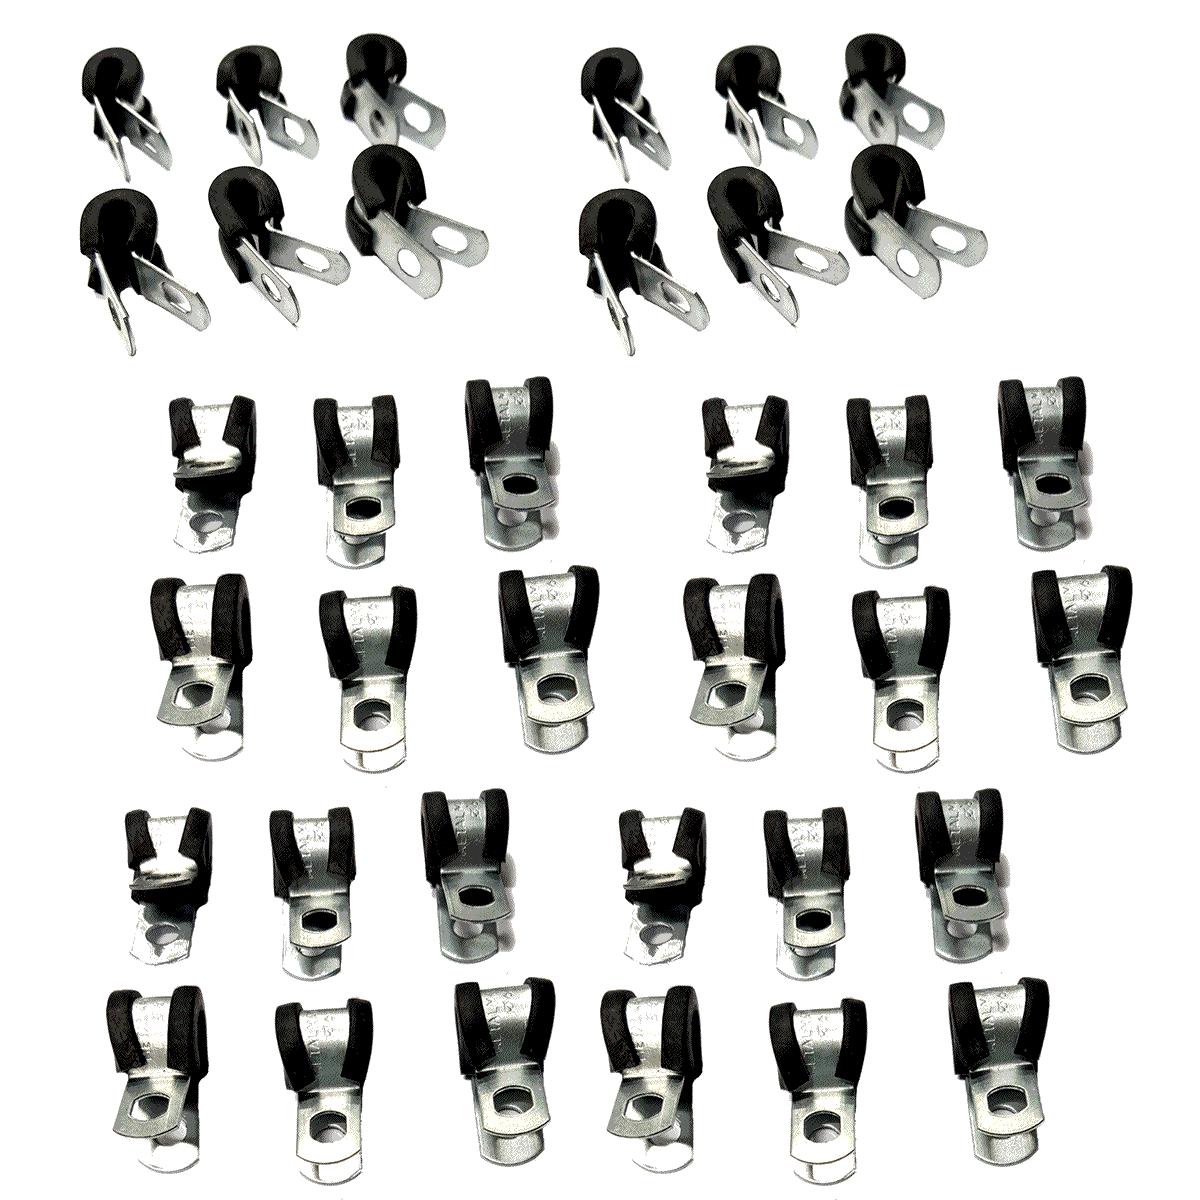 100 Abraçadeiras Metálicas com Borracha para Tubo de Alta